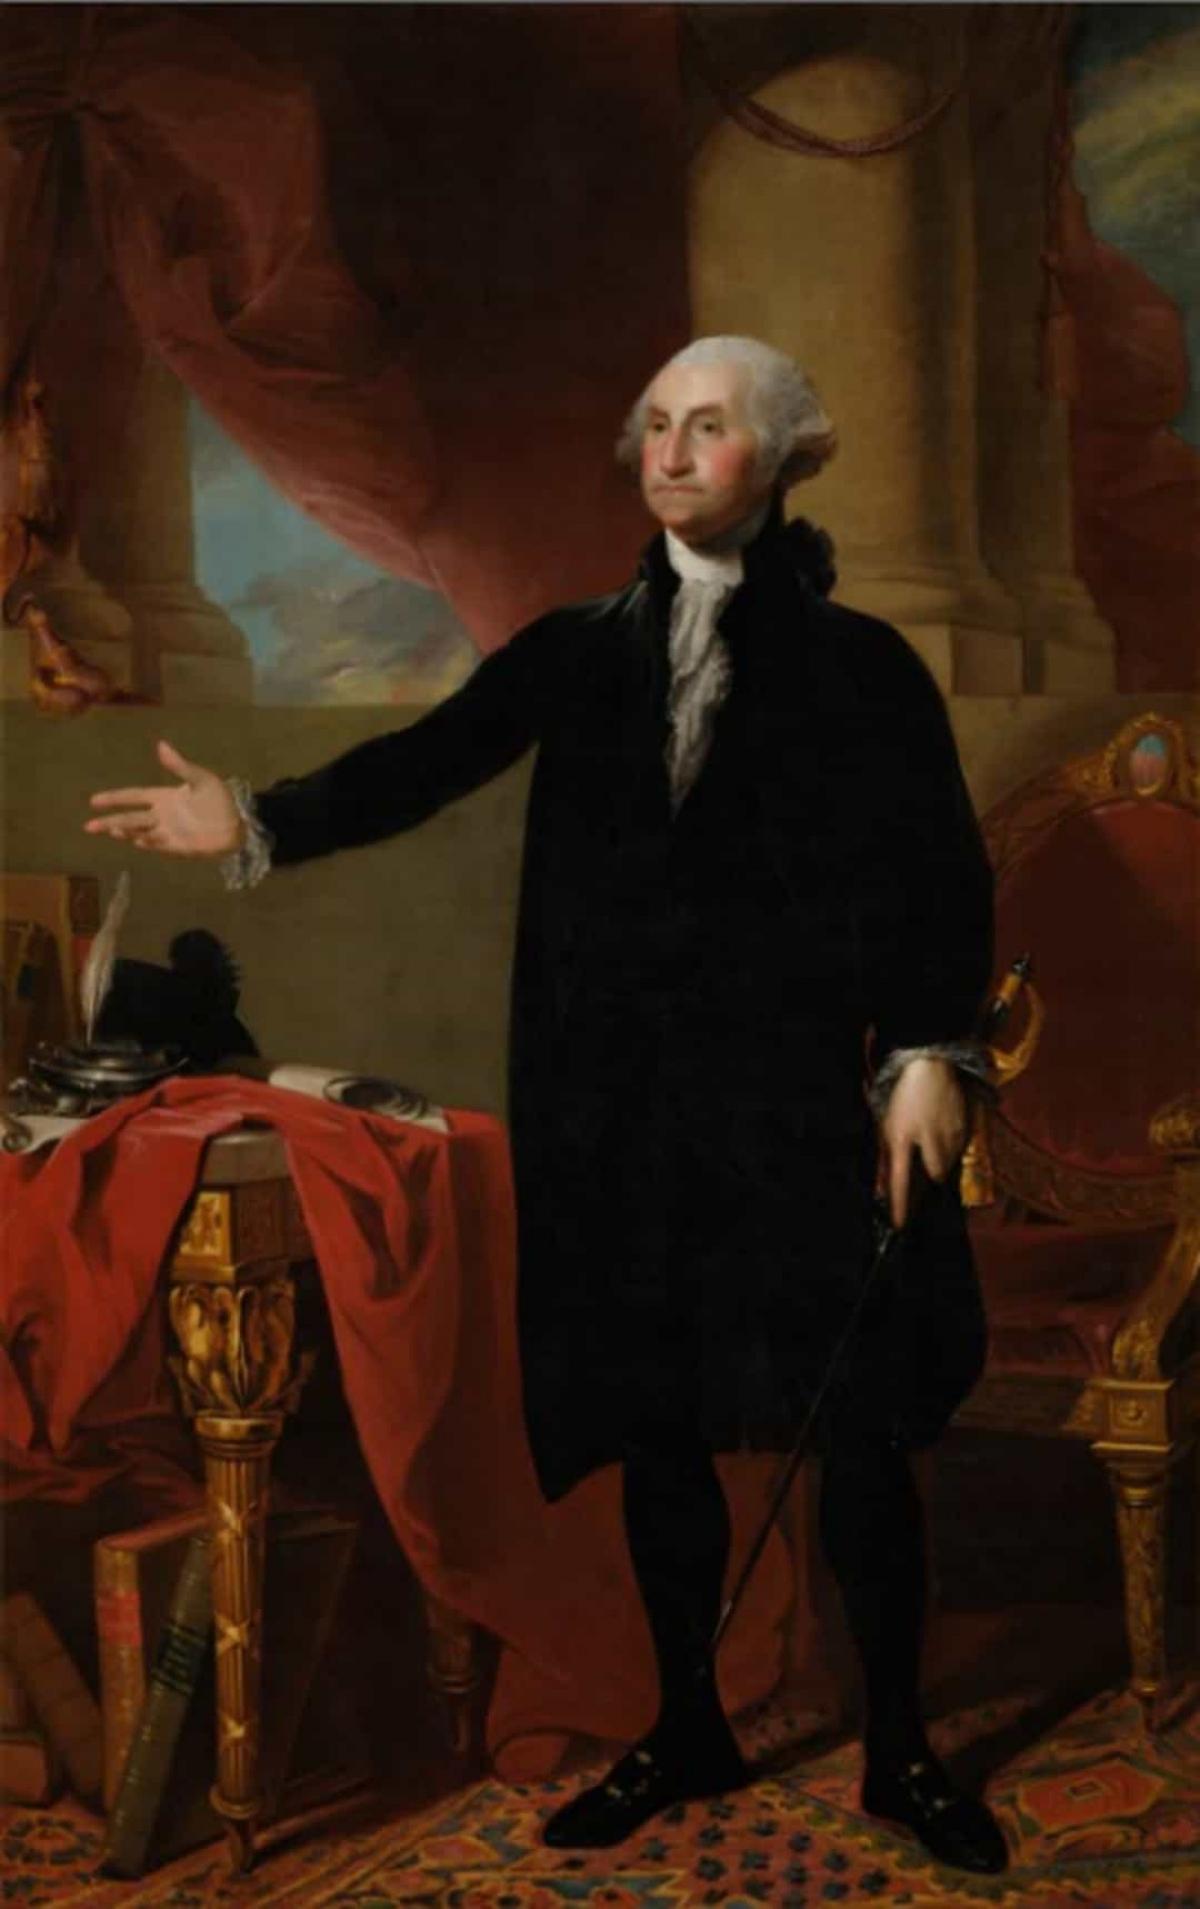 Năm 1814, quân đội Anh đốt cháy Nhà Trắng và chỉ có một bức tranh duy nhất của cựu Tổng thống George Washington được giữ lại bởi cựu Đệ nhất phu nhân Dolley Madison.